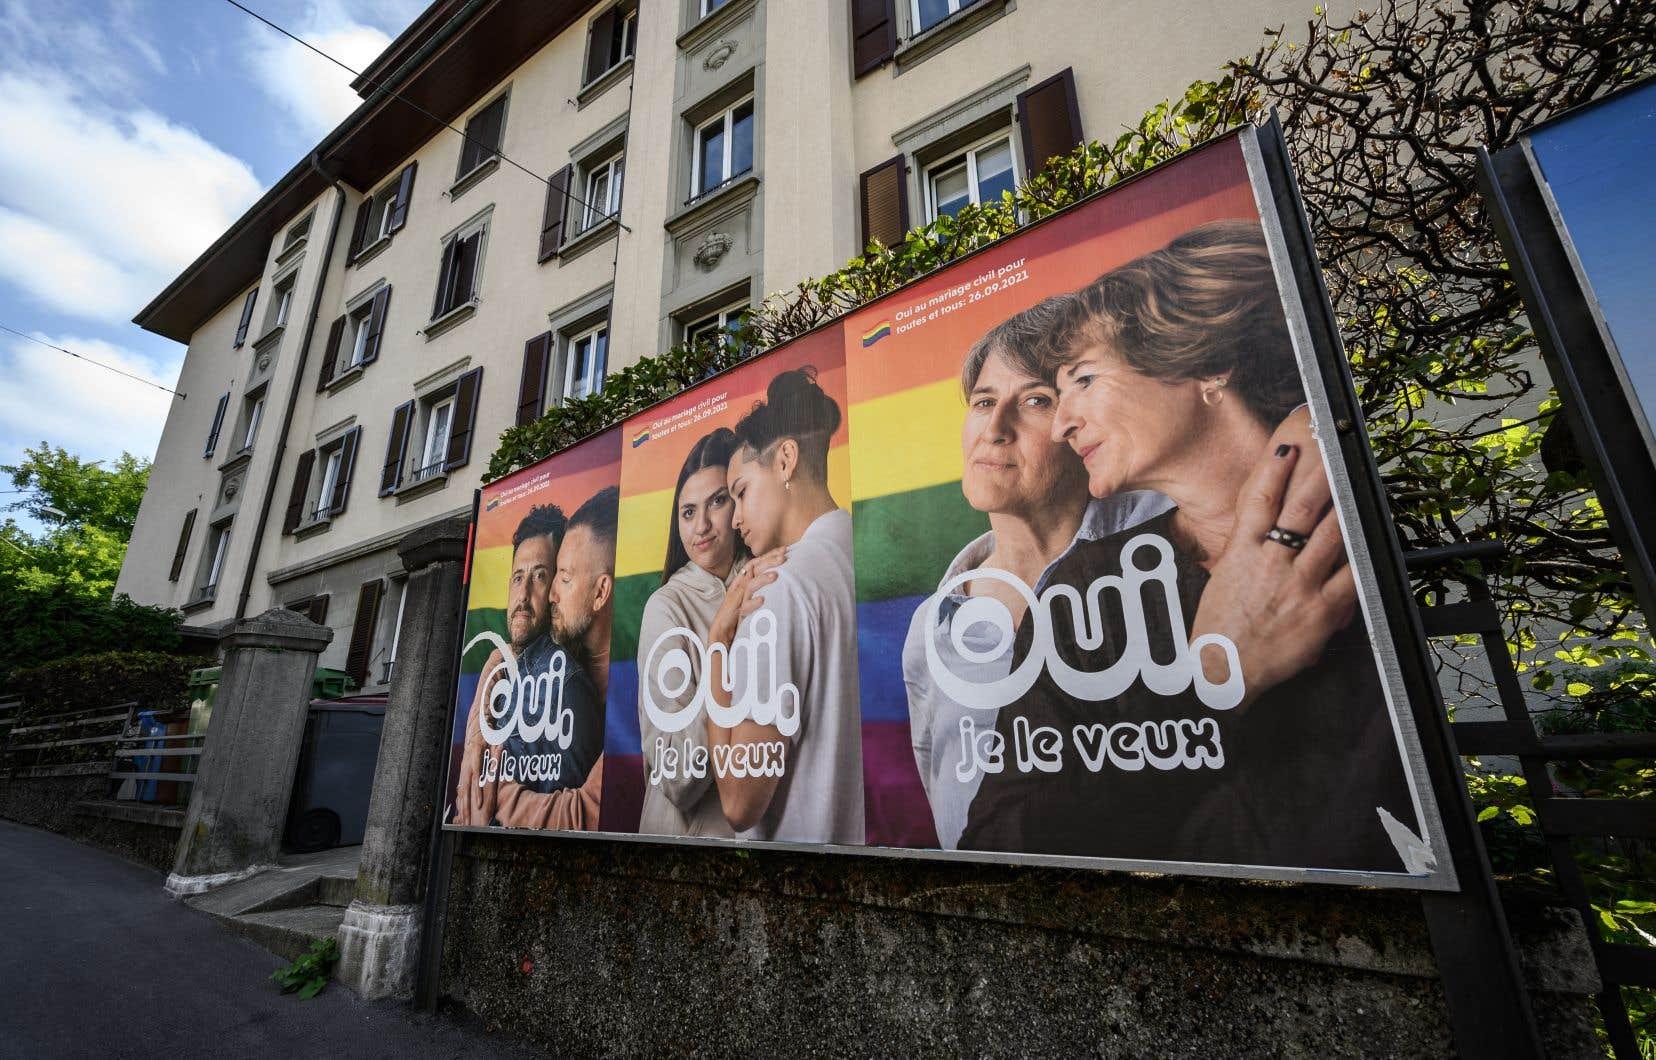 Les Suisses s'apprêtent à approuver lors d'un référendum dimanche le principe du mariage pour tous, à une large majorité selon les sondages.